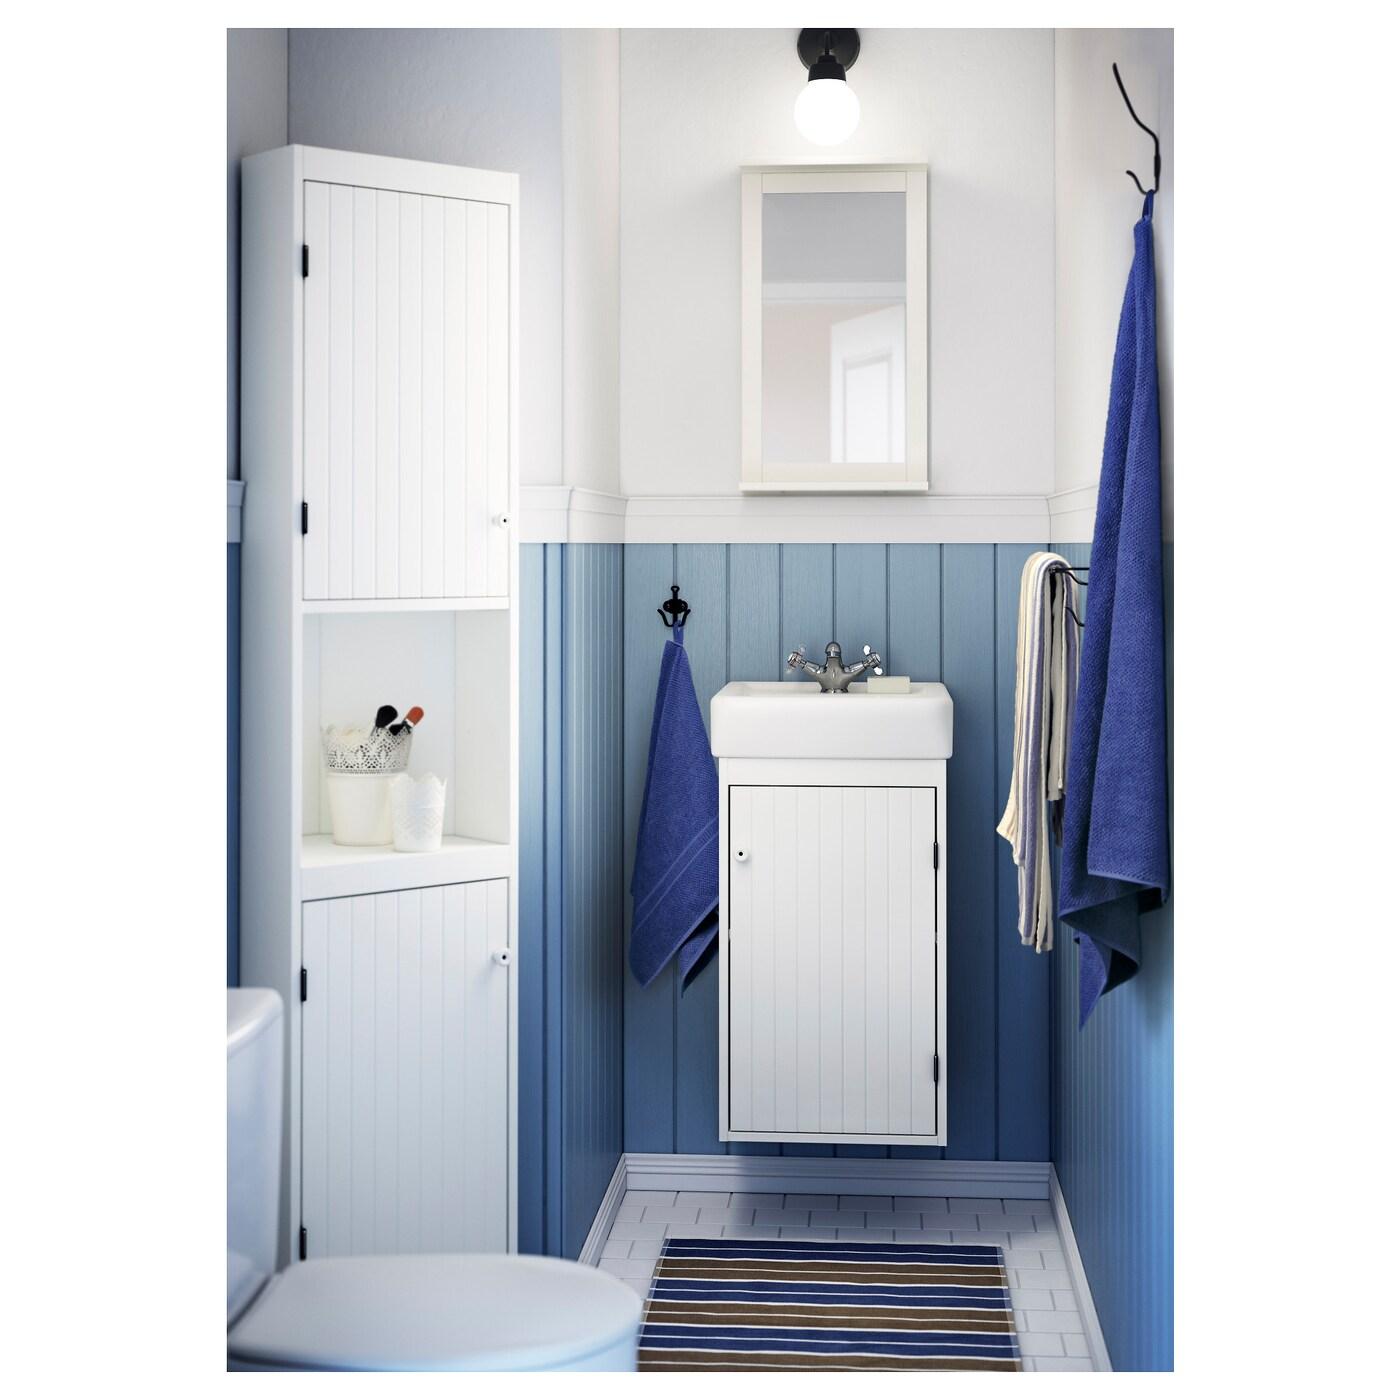 Silver n espejo con estante blanco 36 x 64 cm ikea - Espejo blanco ikea ...